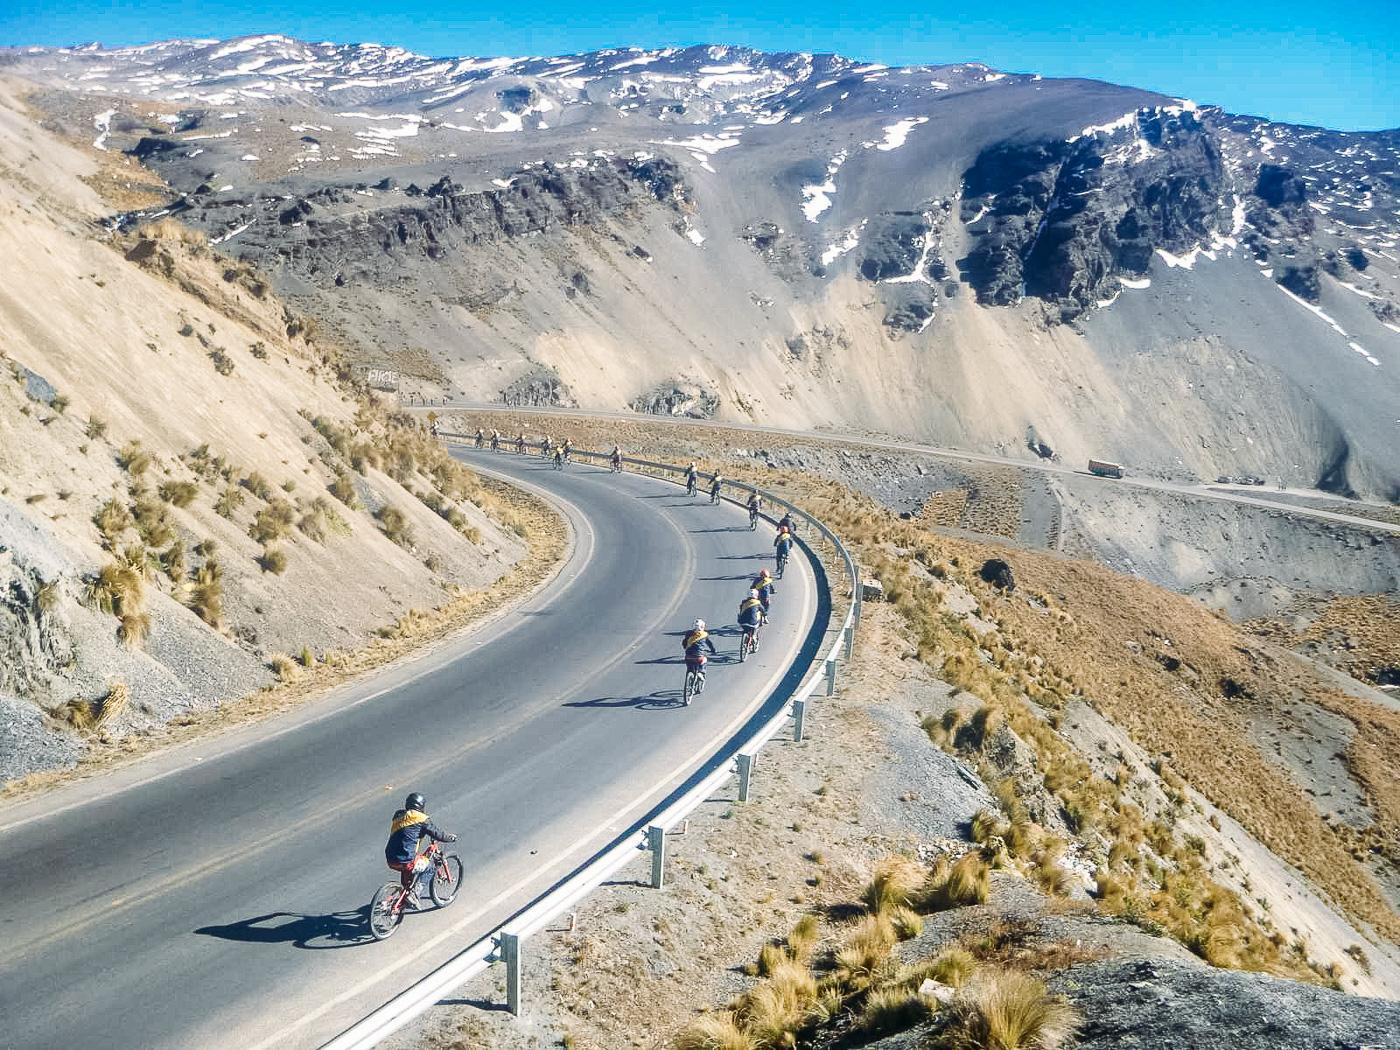 дорога смерти в Боливии, экскурсии по дороге смерти